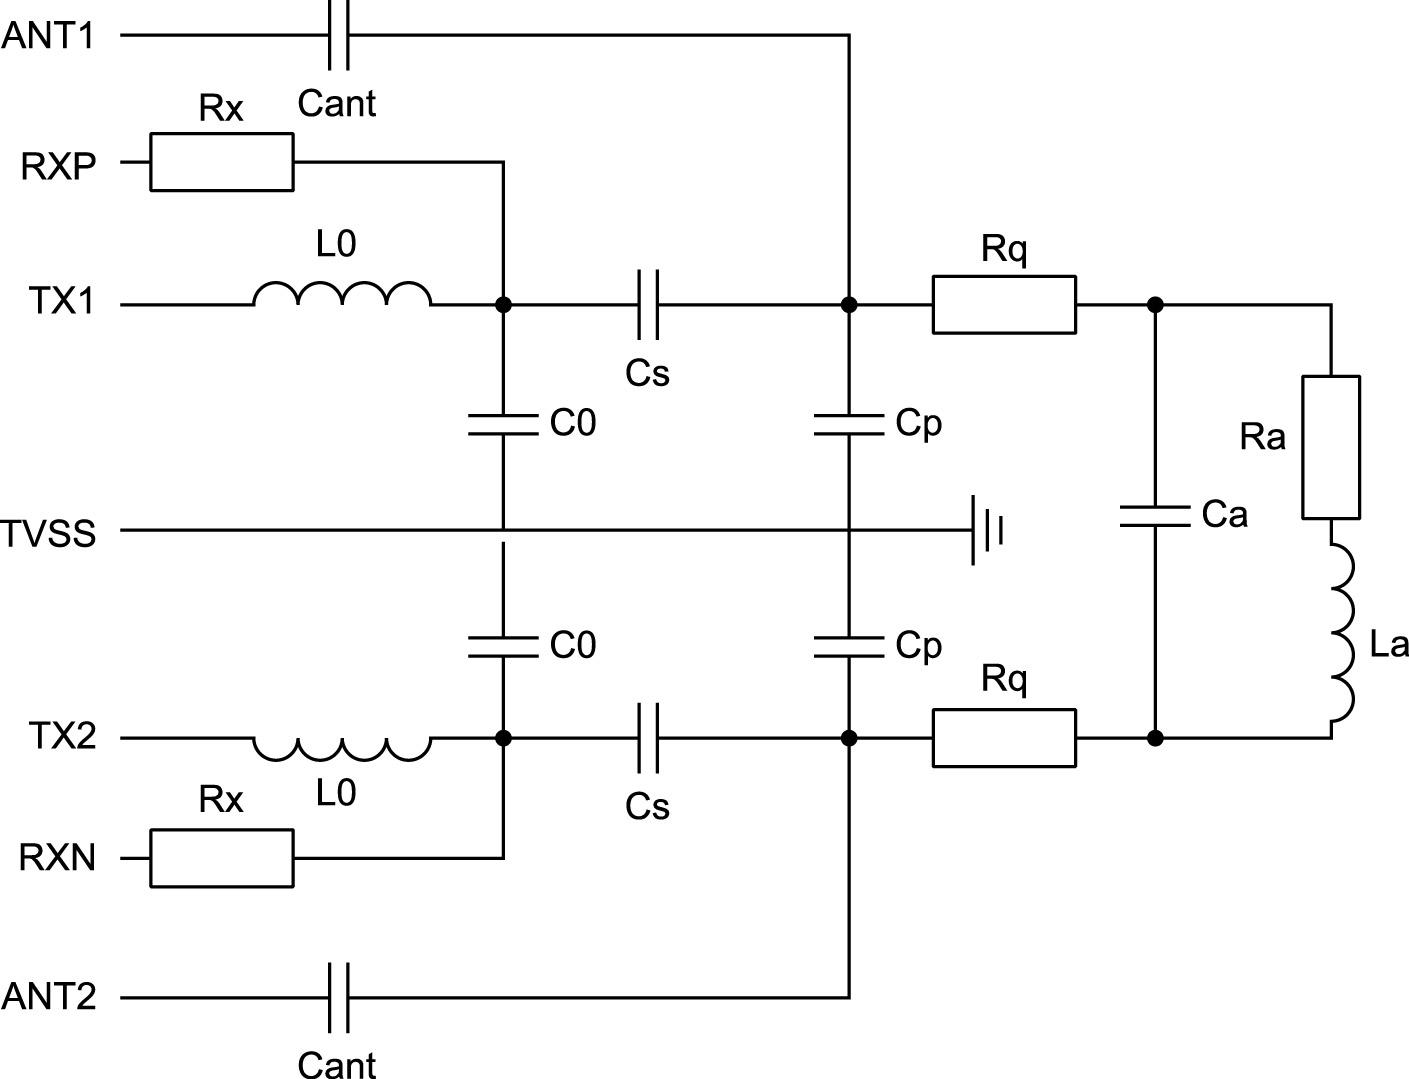 Расширенная схема фильтра ЭМП и соответствующая согласующая схема для режима эмуляции карты для режима чтения/записи в системе WPT/NFC